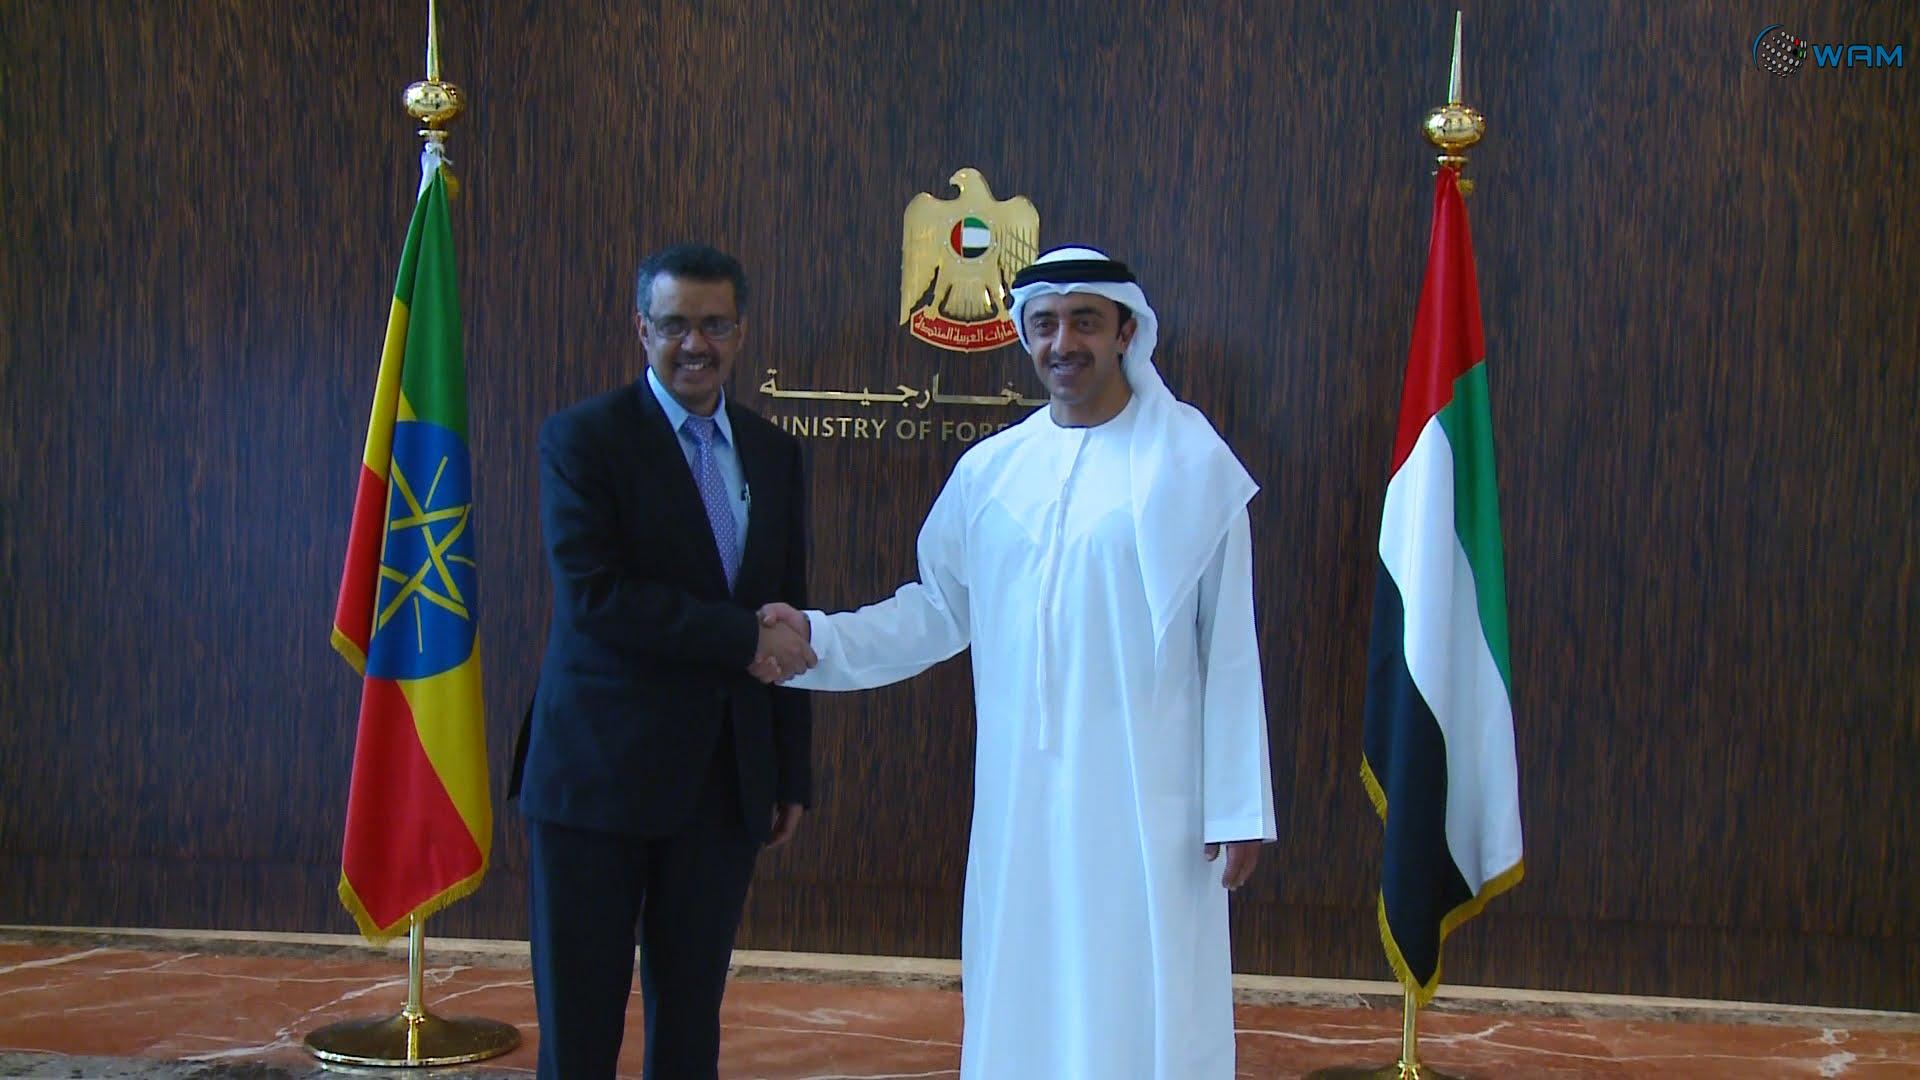 كاتب مصري منتقدا القاهرة: الإمارات تدعم إثيوبيا أيضا لماذا لم تغضبوا؟